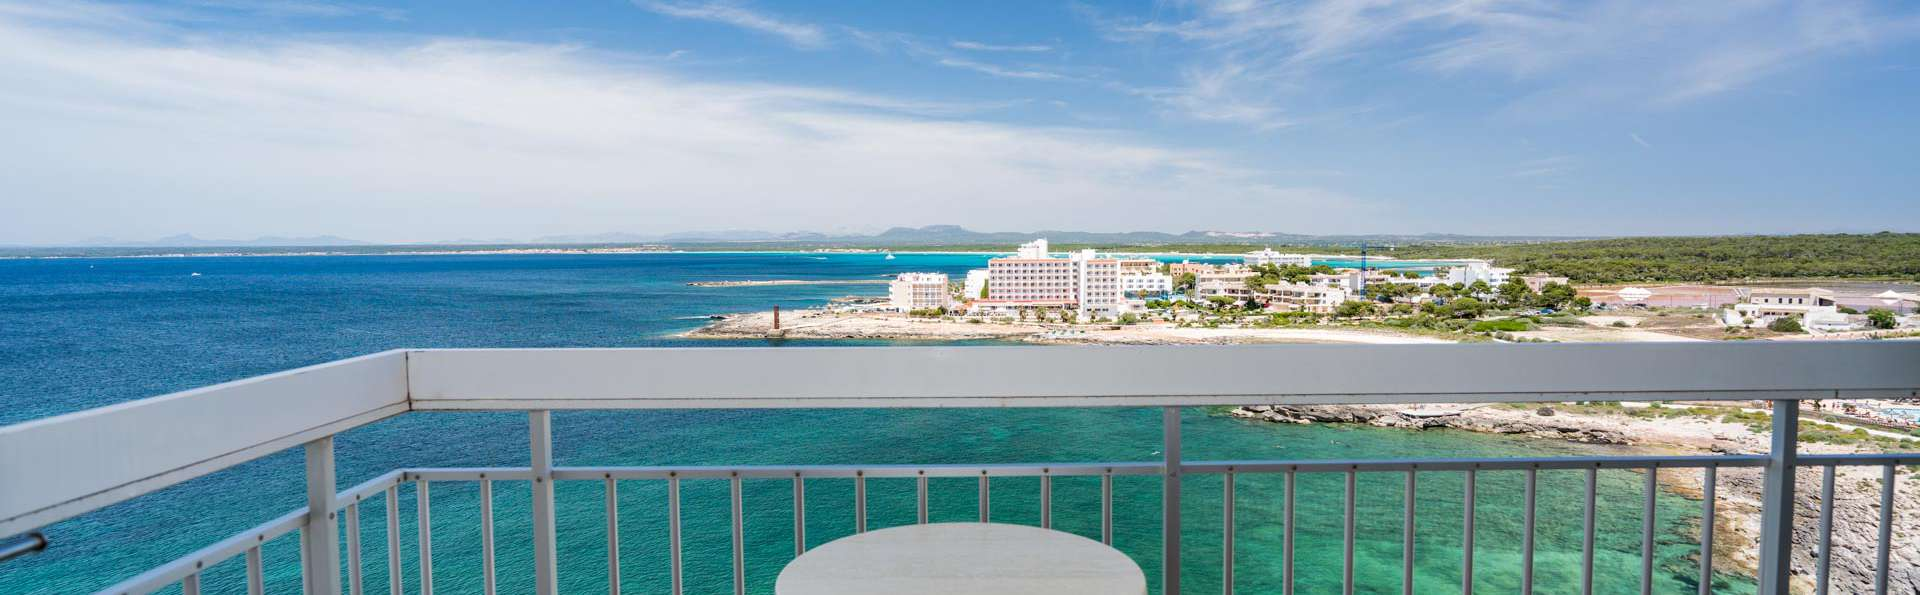 Escapada frente al mar en Mallorca con desayuno y vistas al mediterráneo (desde 3 noches)